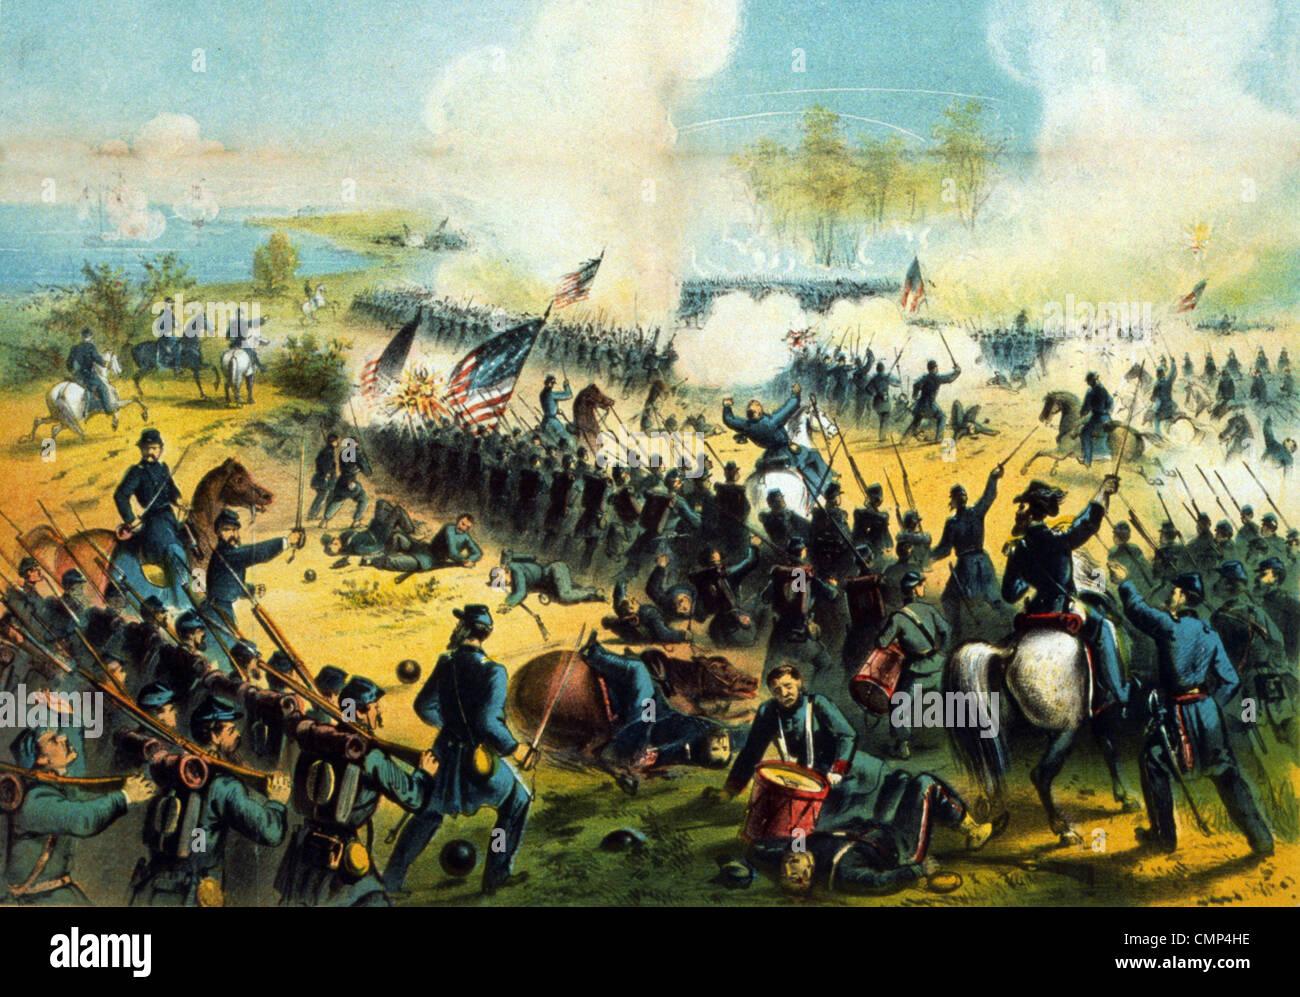 La batalla de Shiloh, también conocida como la Batalla de Pittsburg Landing, Batalla en el teatro occidental de Foto de stock